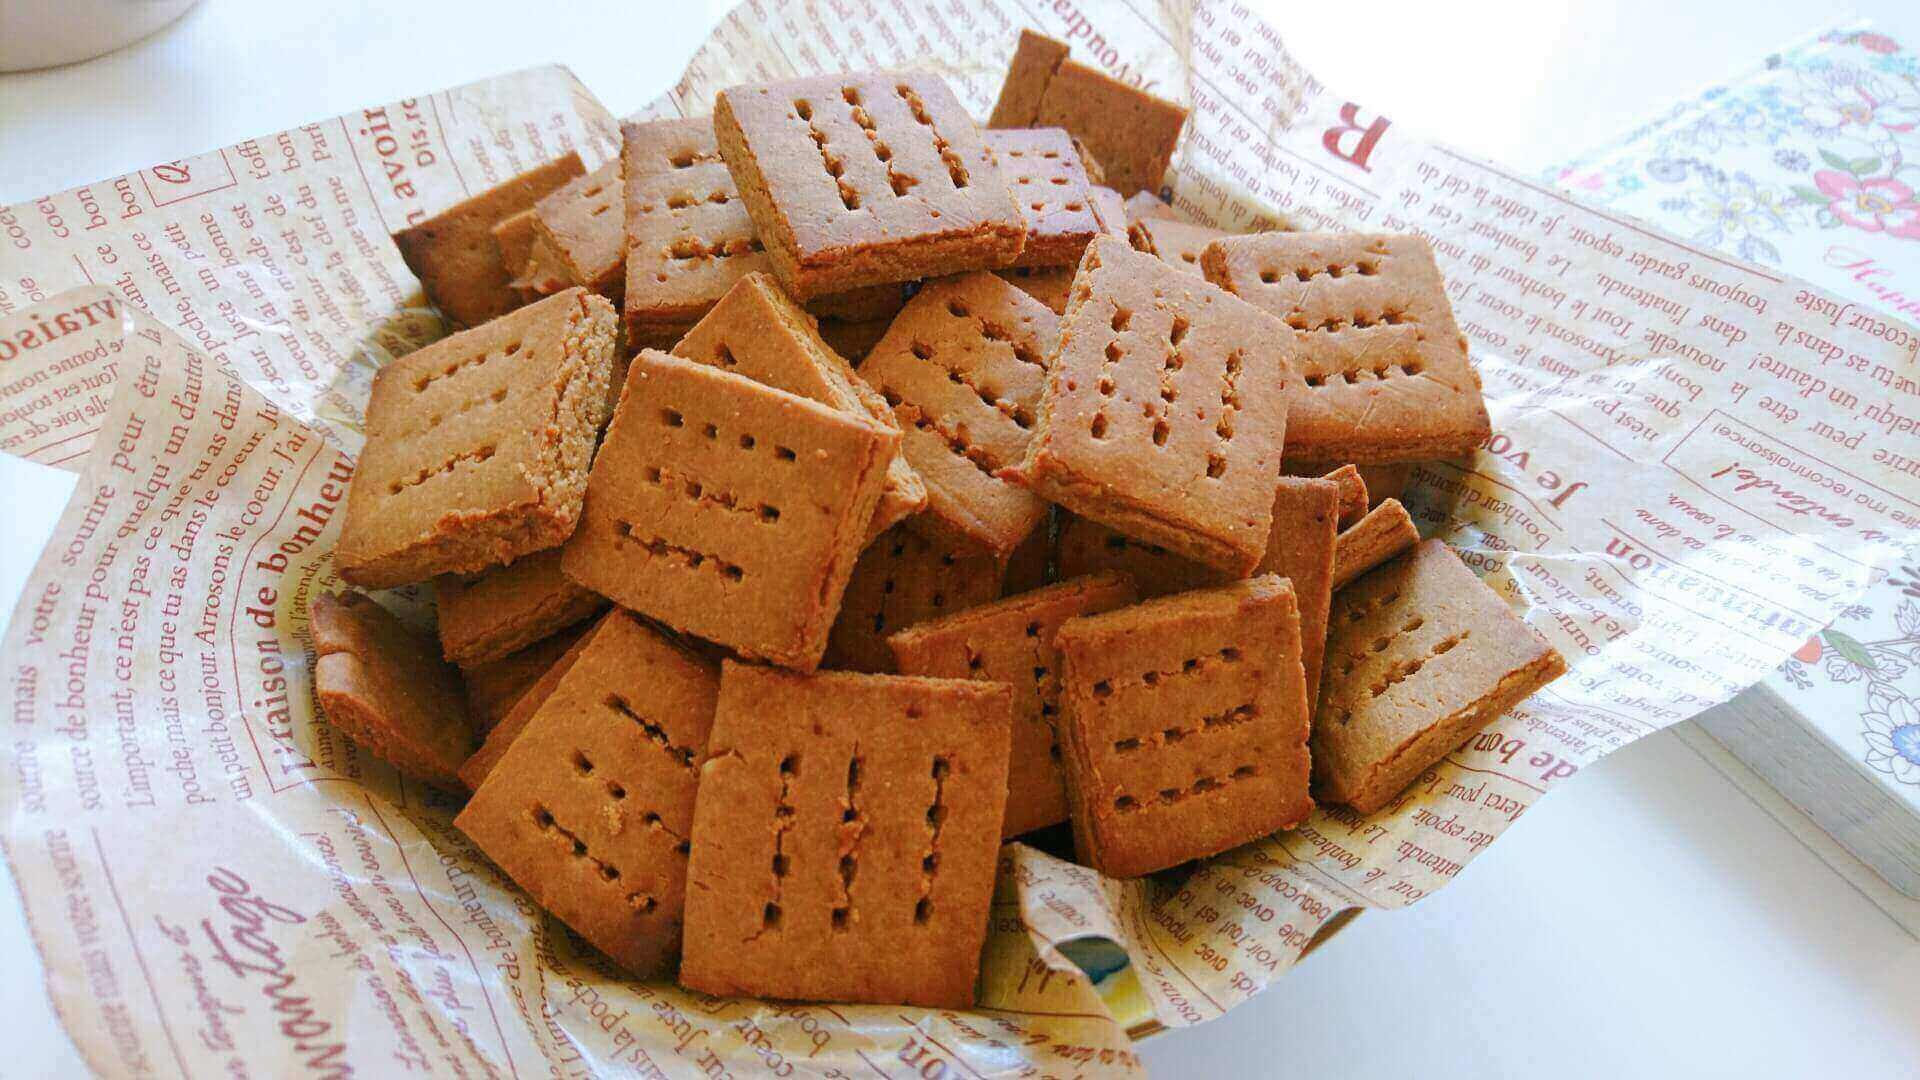 クッキーの生地が硬い!原因や対処法は?簡単に作れるレシピも紹介!